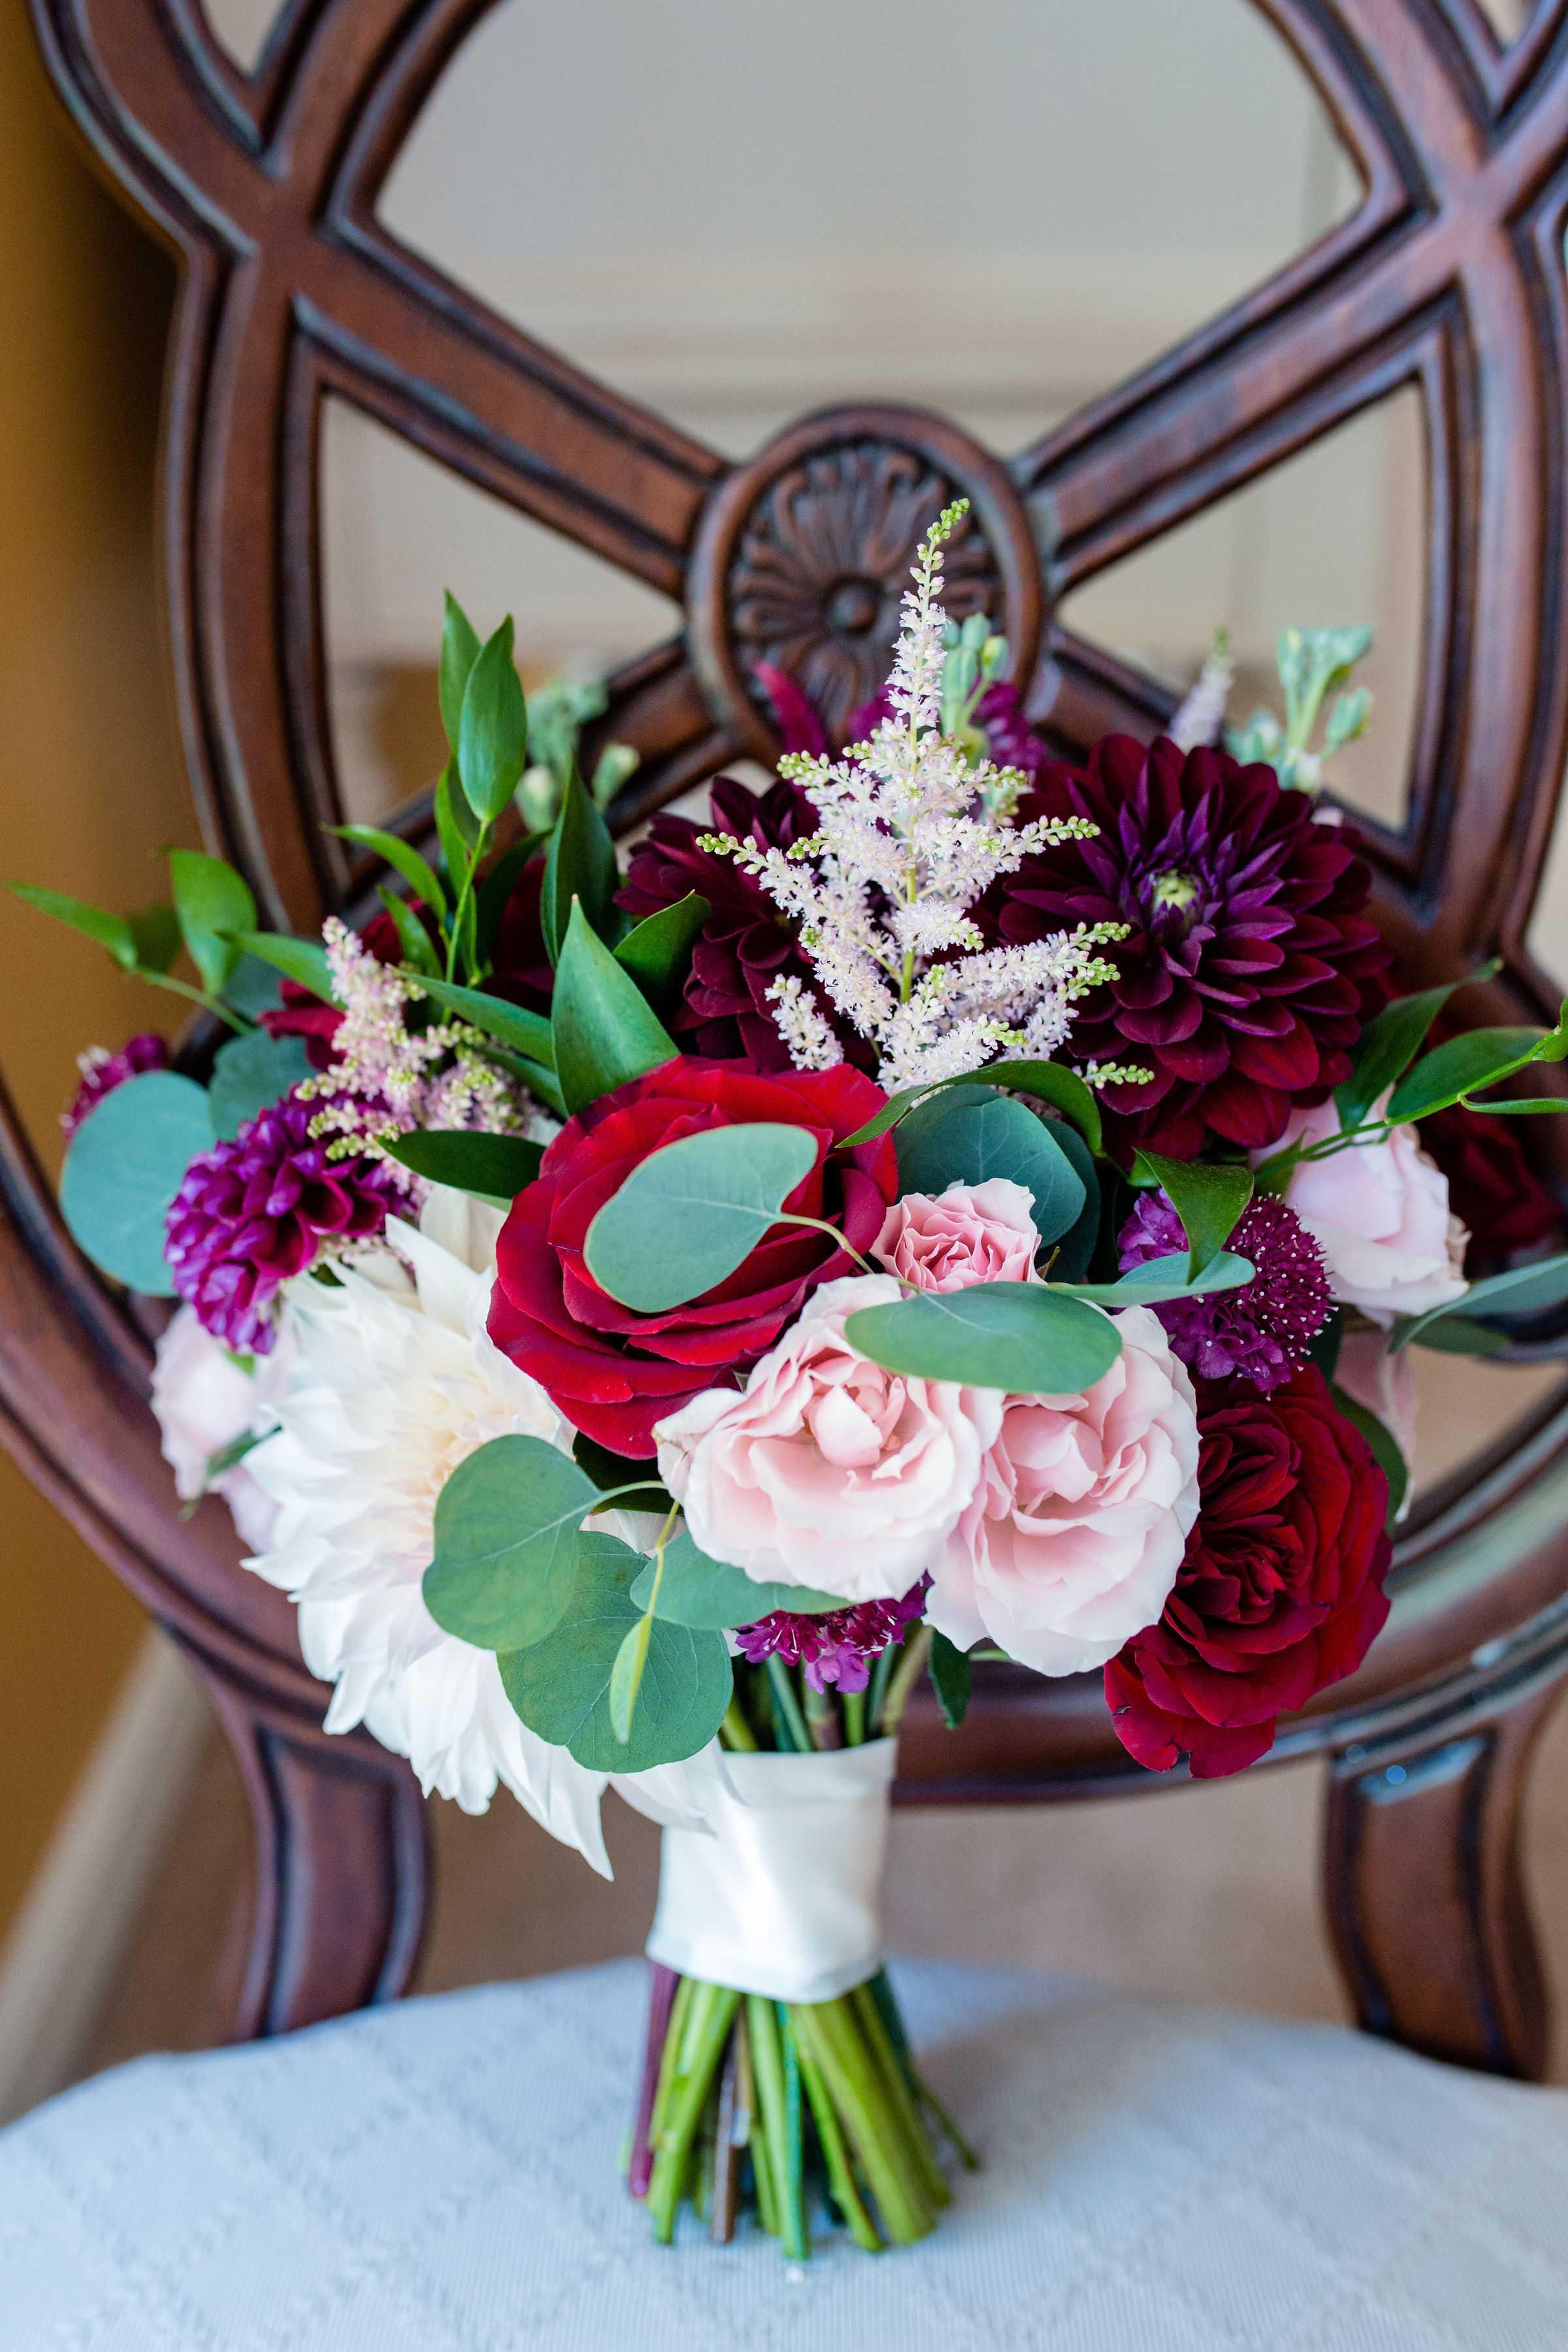 Lost Creek Winery JR Flowers (1).jpeg